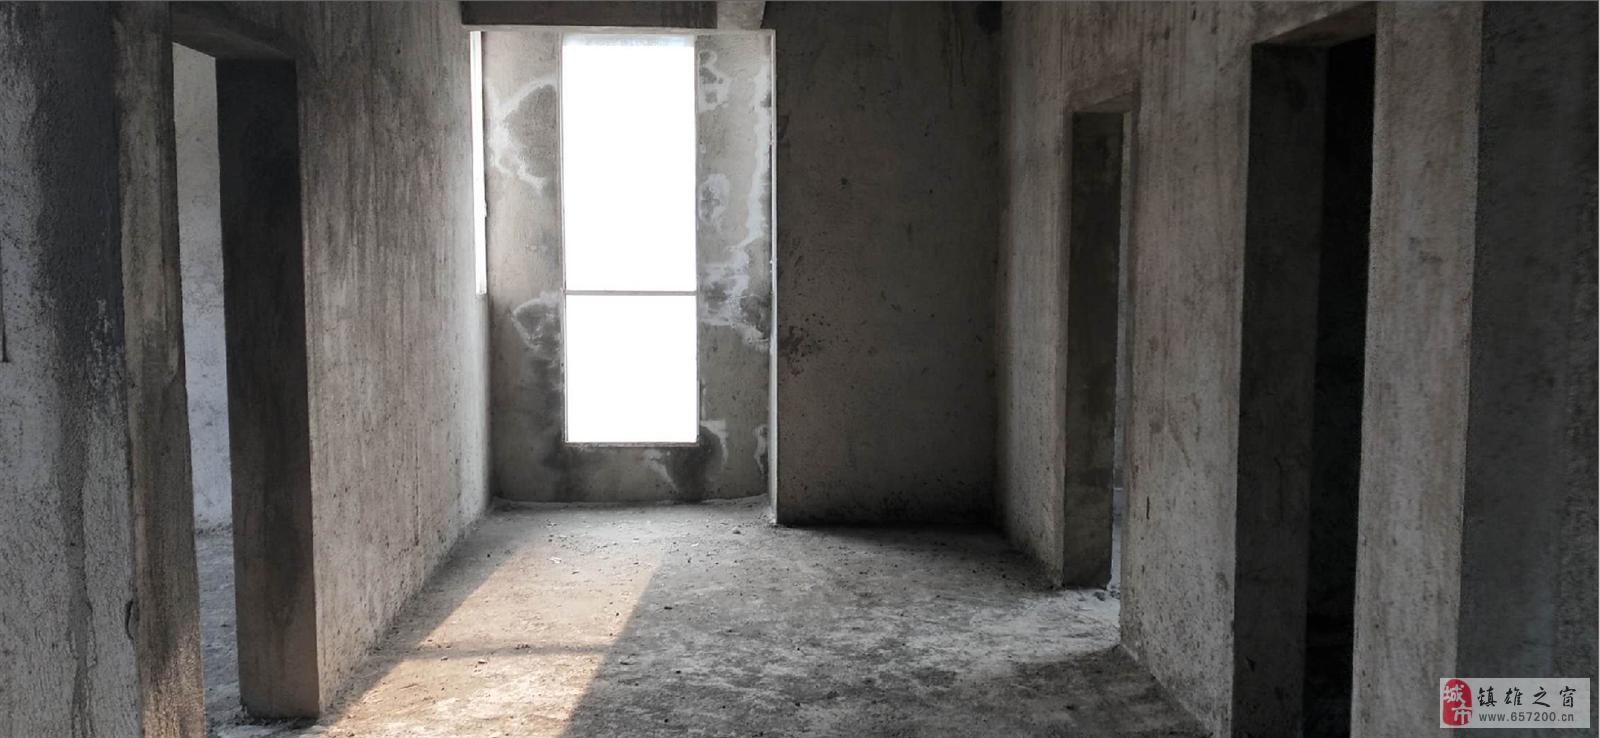 城南天骄毛坯稀缺户型采光极好赠送10平米天台